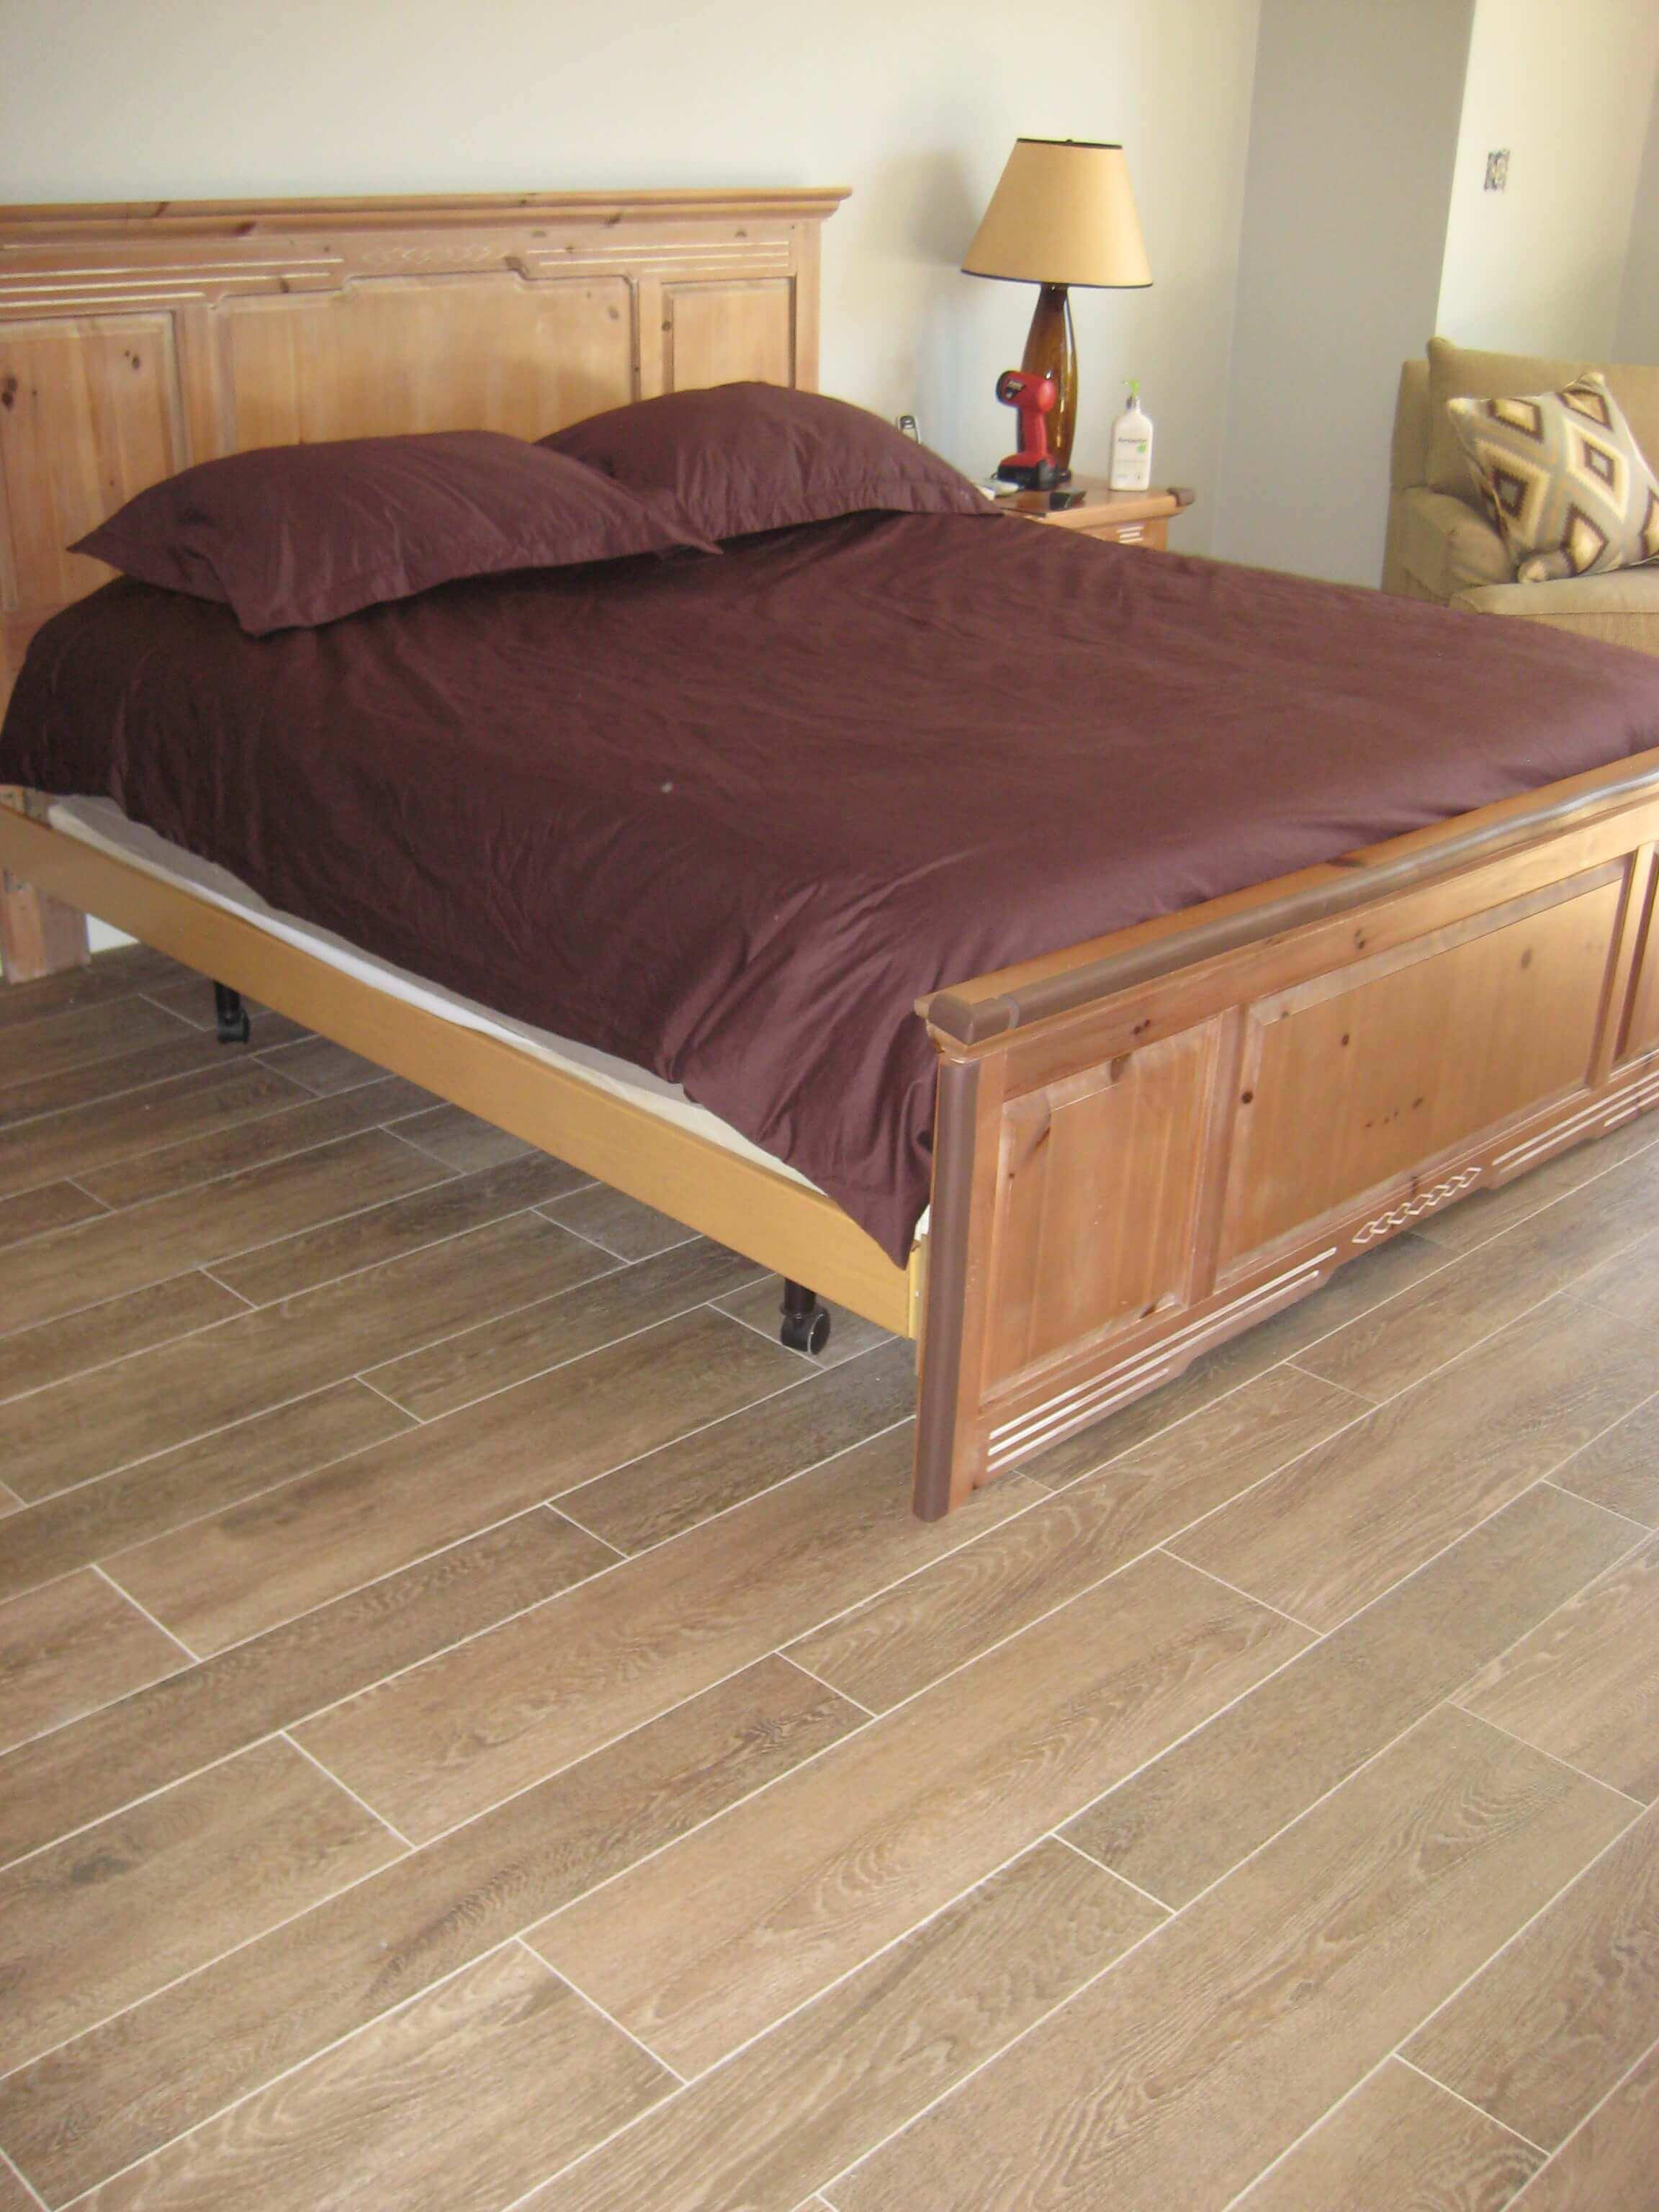 tile that looks like wood in bedroom